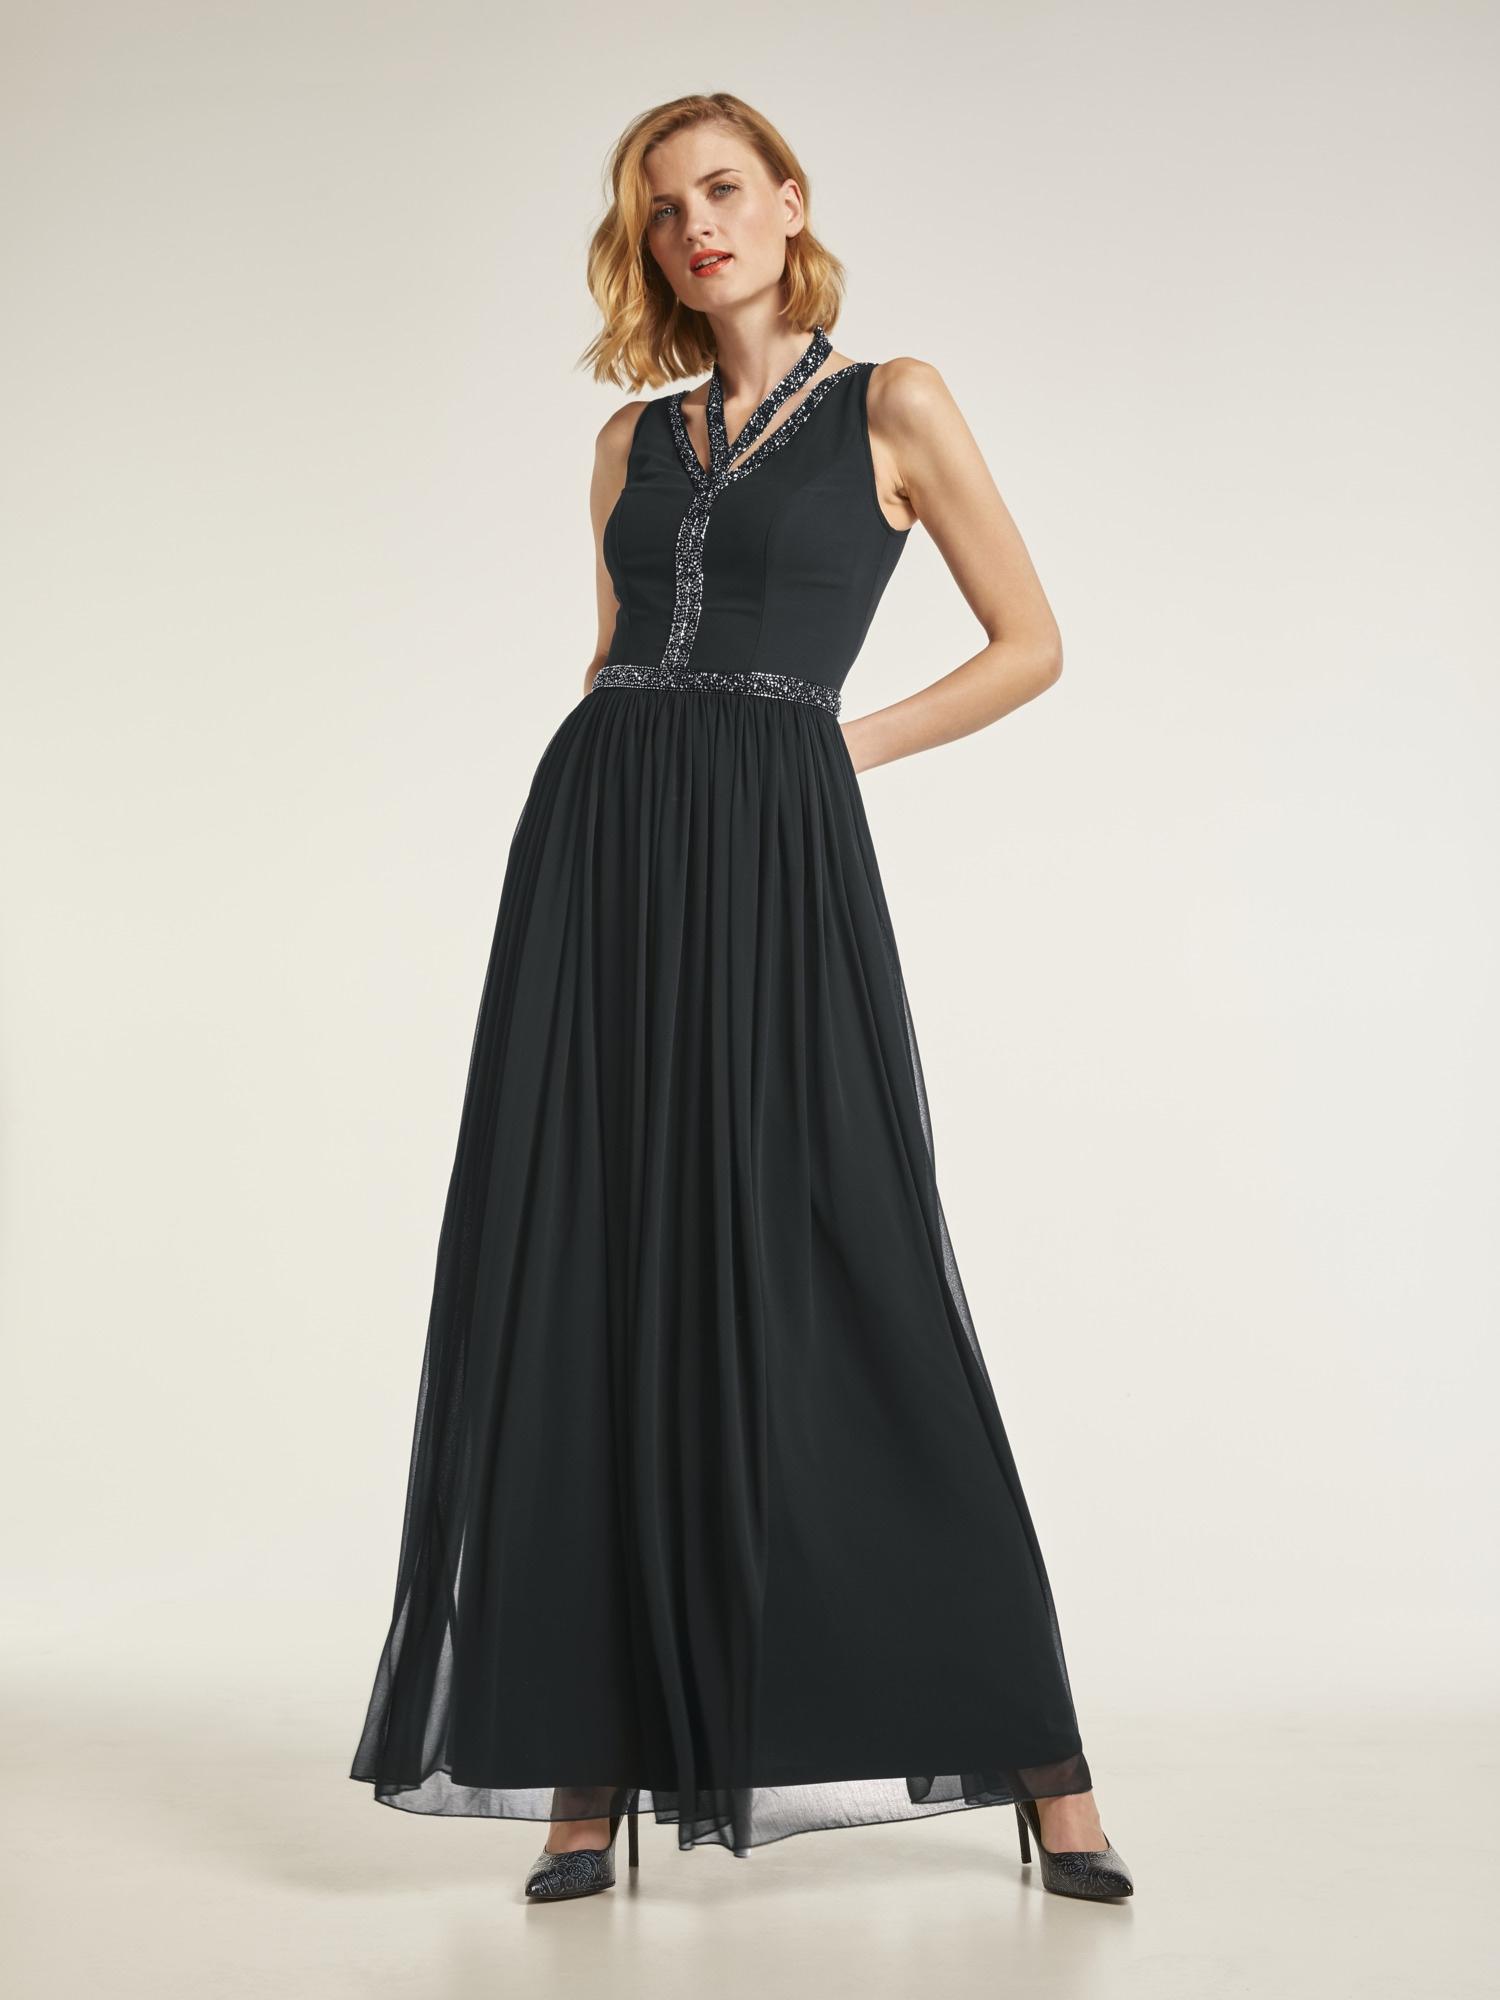 heine STYLE Abendkleid mit raffiniertem Ausschnitt Damenmode/Bekleidung/Kleider/Abendkleider